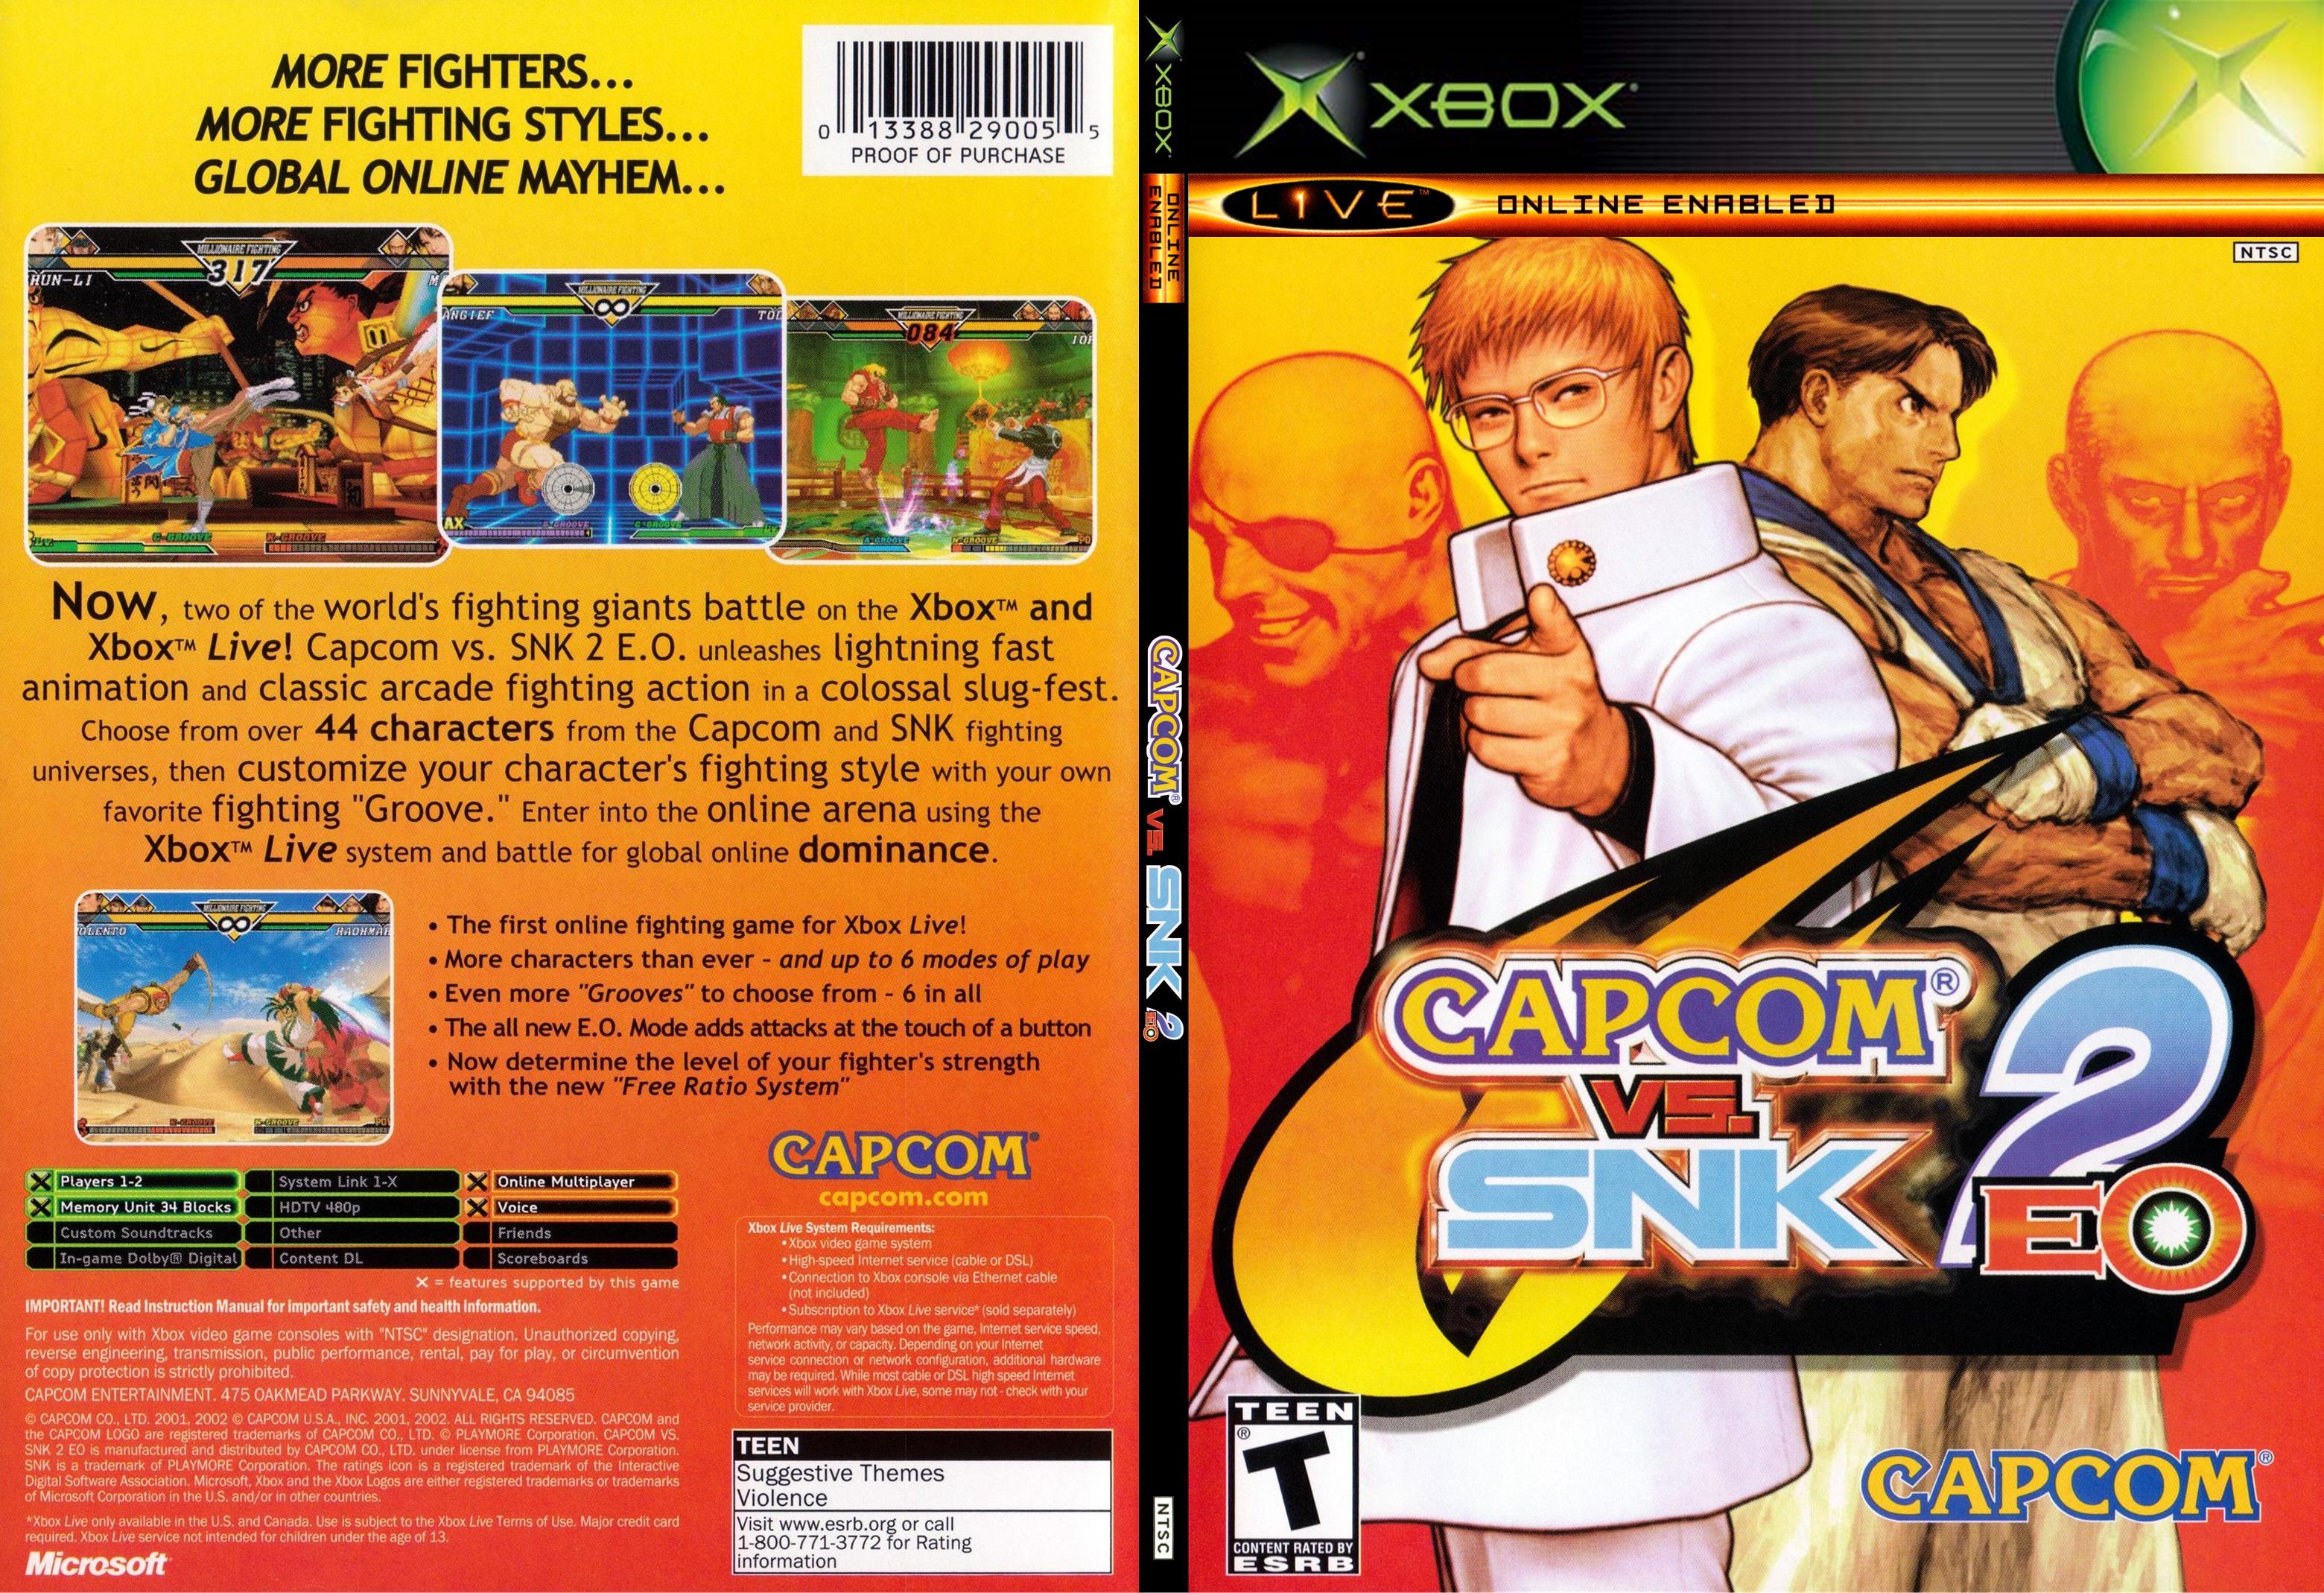 Capcom Vs Snk 2 Eo Wallpapers Video Game Hq Capcom Vs Snk 2 Eo